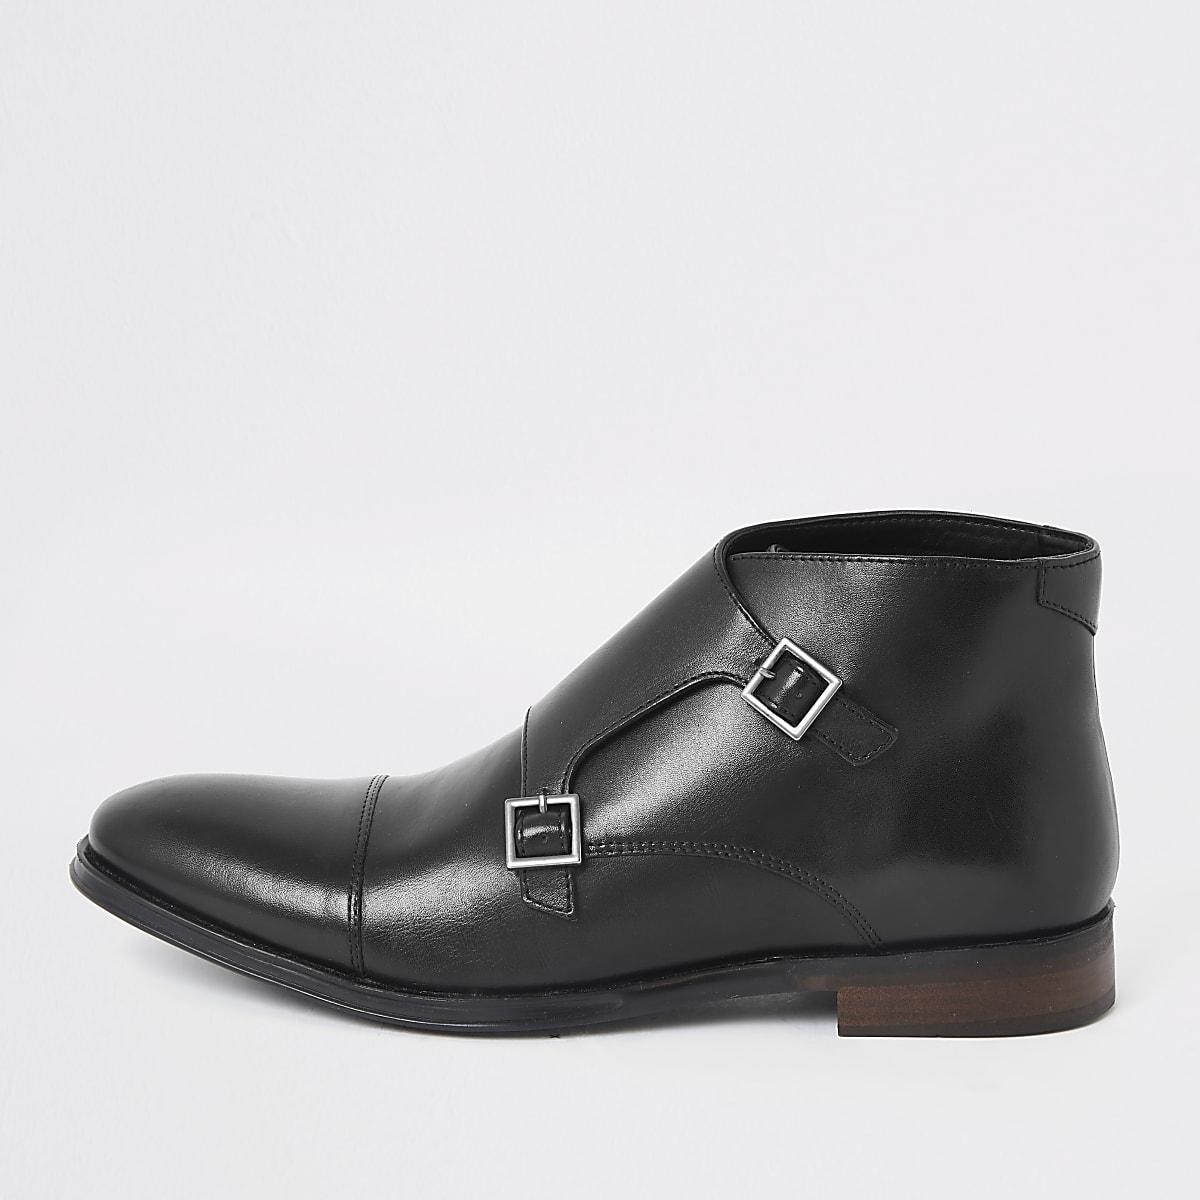 Bottes en cuir noir avec bride